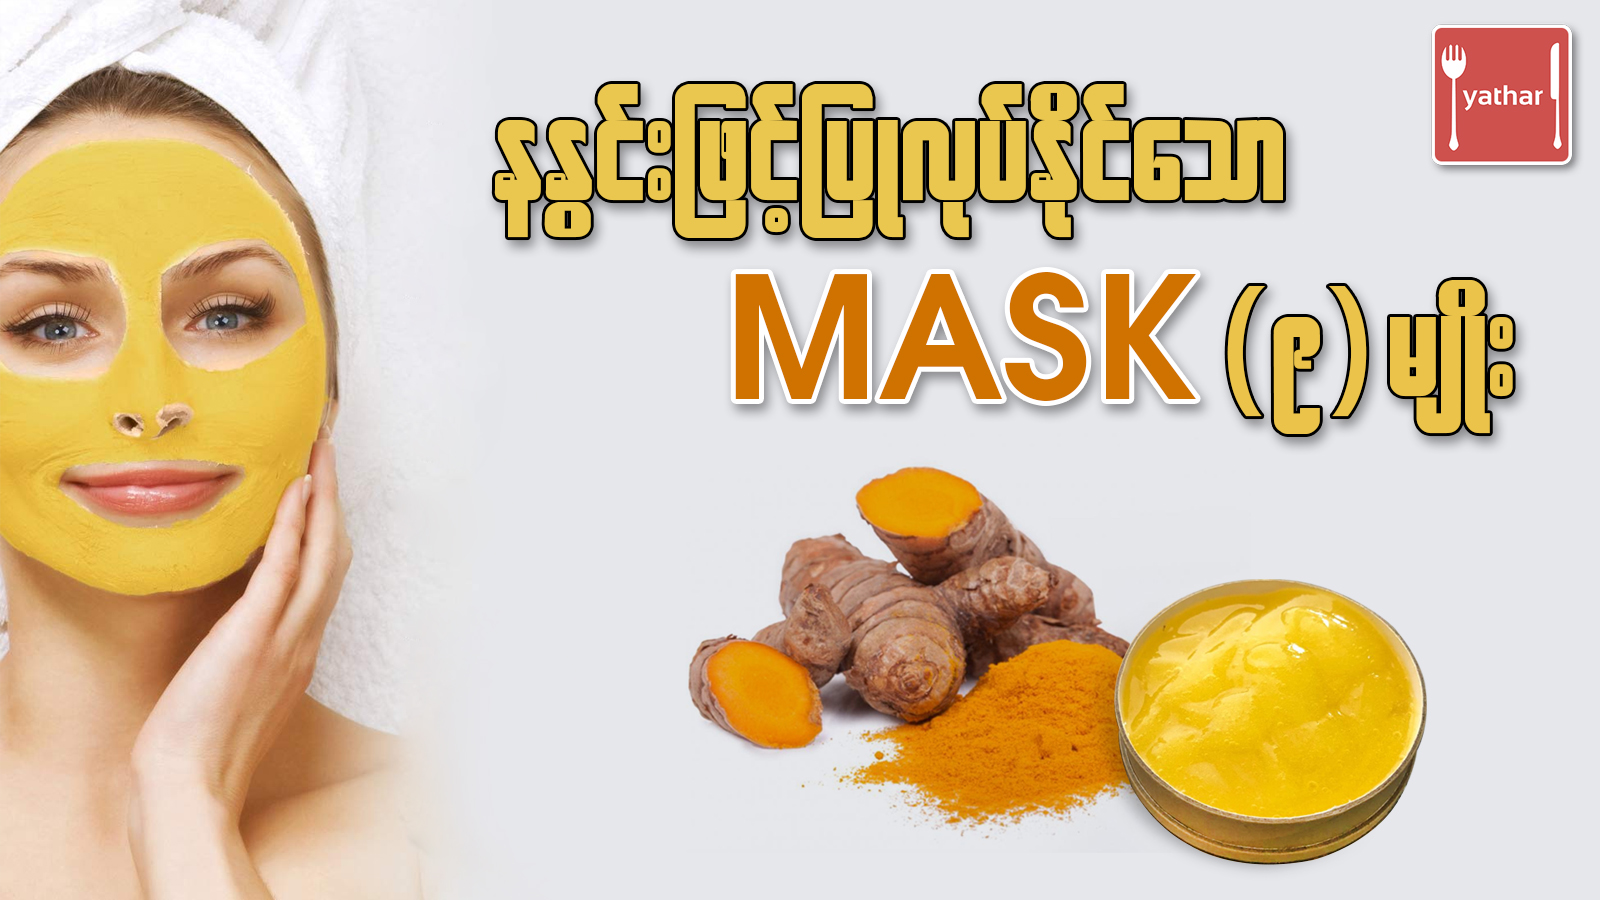 နႏြင္းျဖင့္ျပဳလုပ္လို႔ရႏိုင္ေသာ Mask ၉ မ်ိဳး